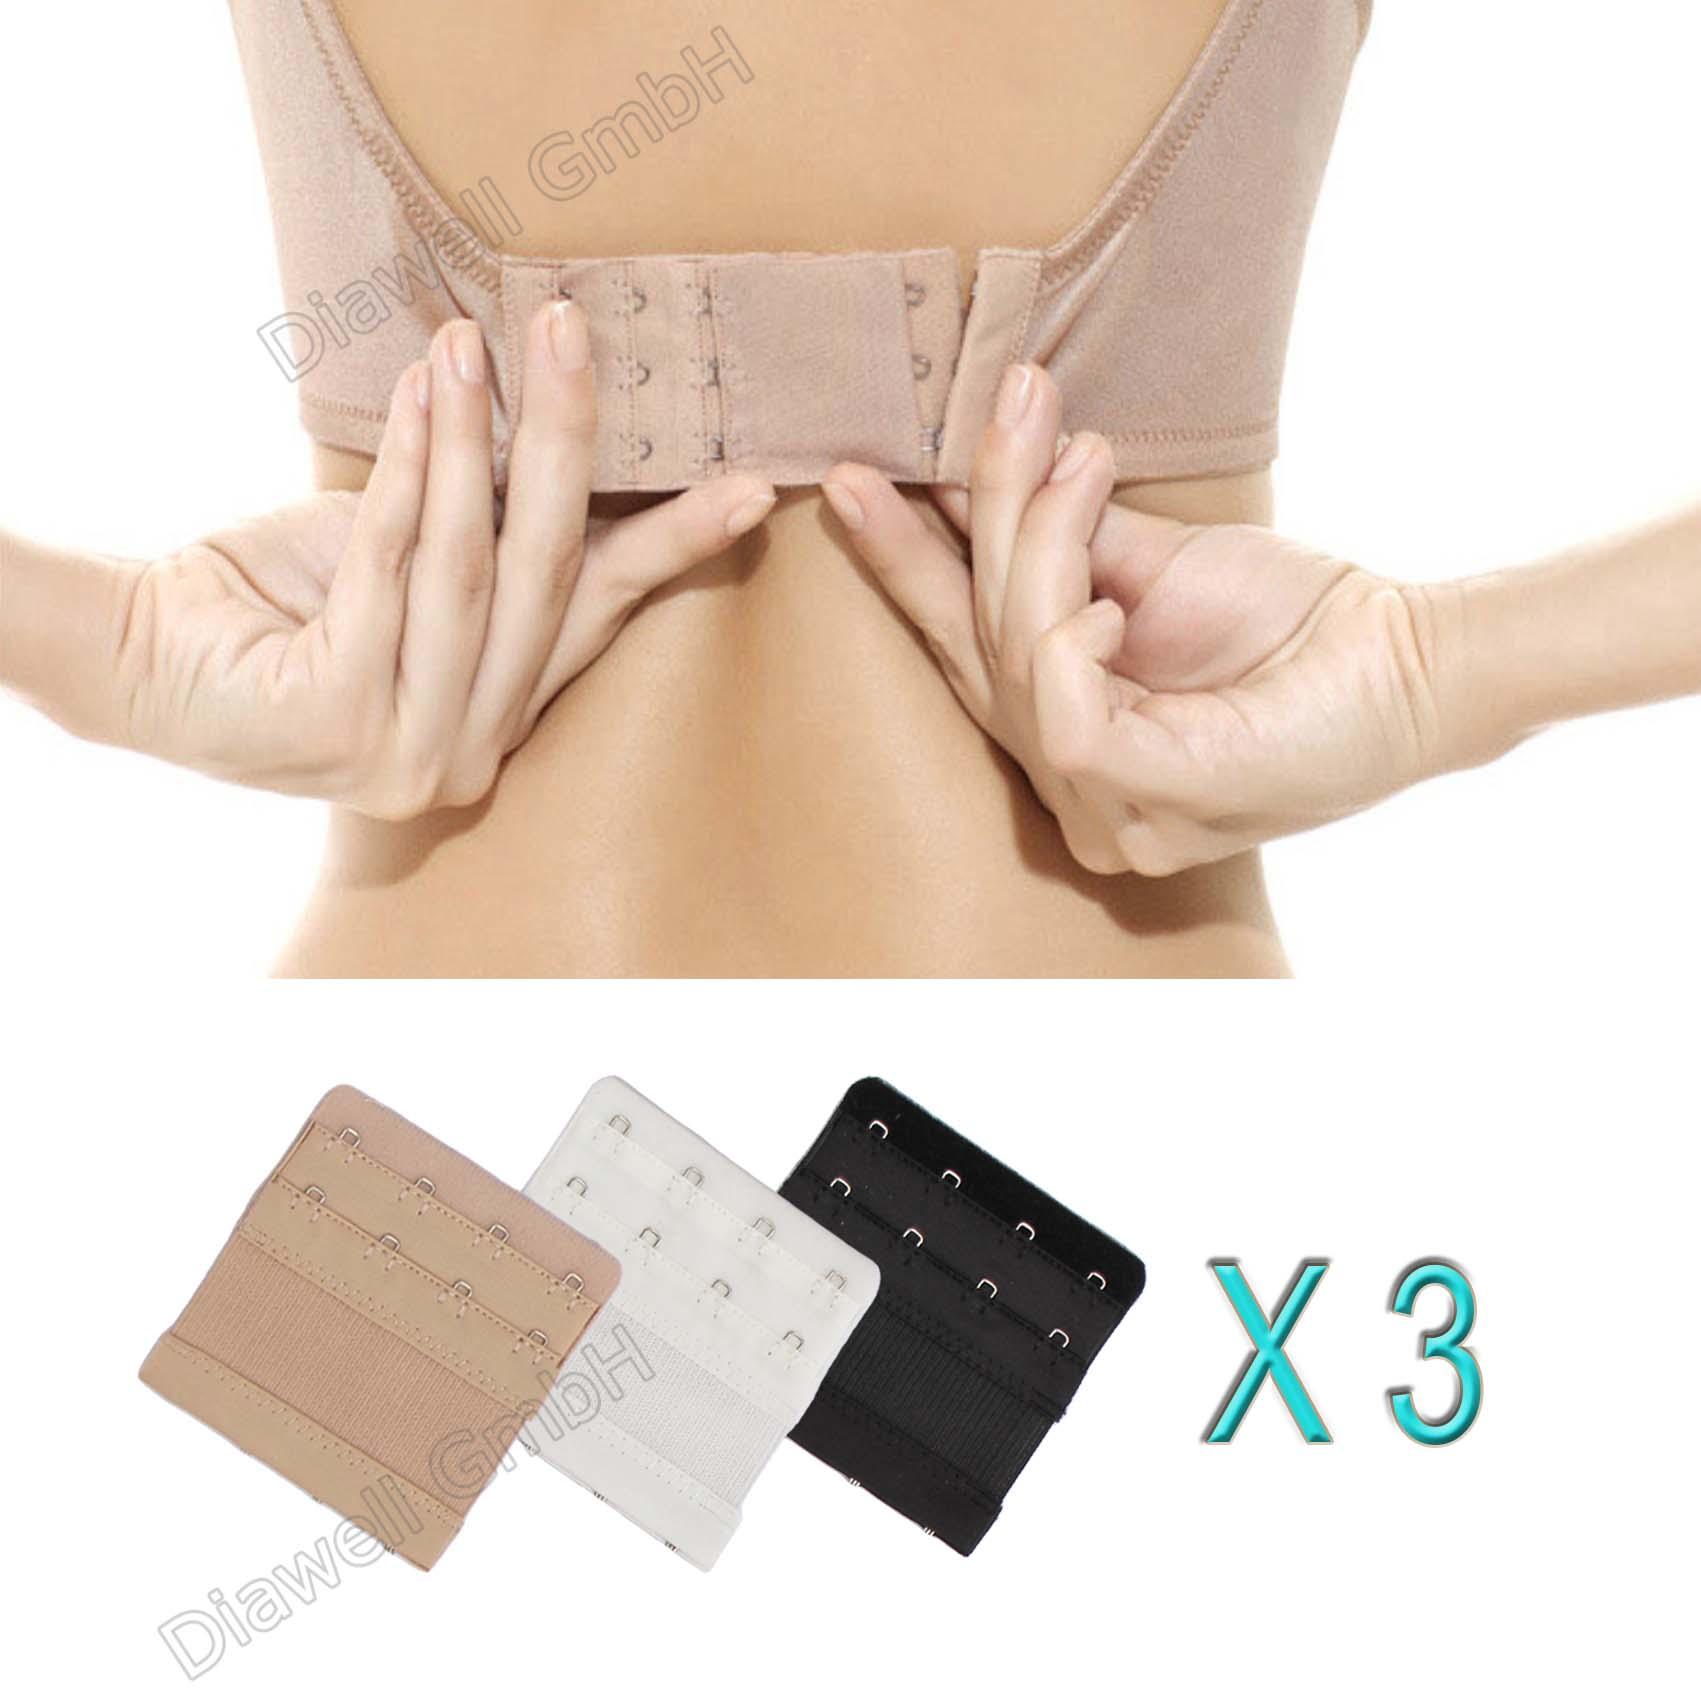 aed3a5dbce9293 Ideal bei eingegangenen Materialien oder einfach unbequemen BHs. Ideal nach  Gewichtszuname oder während der Schwangerschaft. Viele verschiedene  Variationen ...